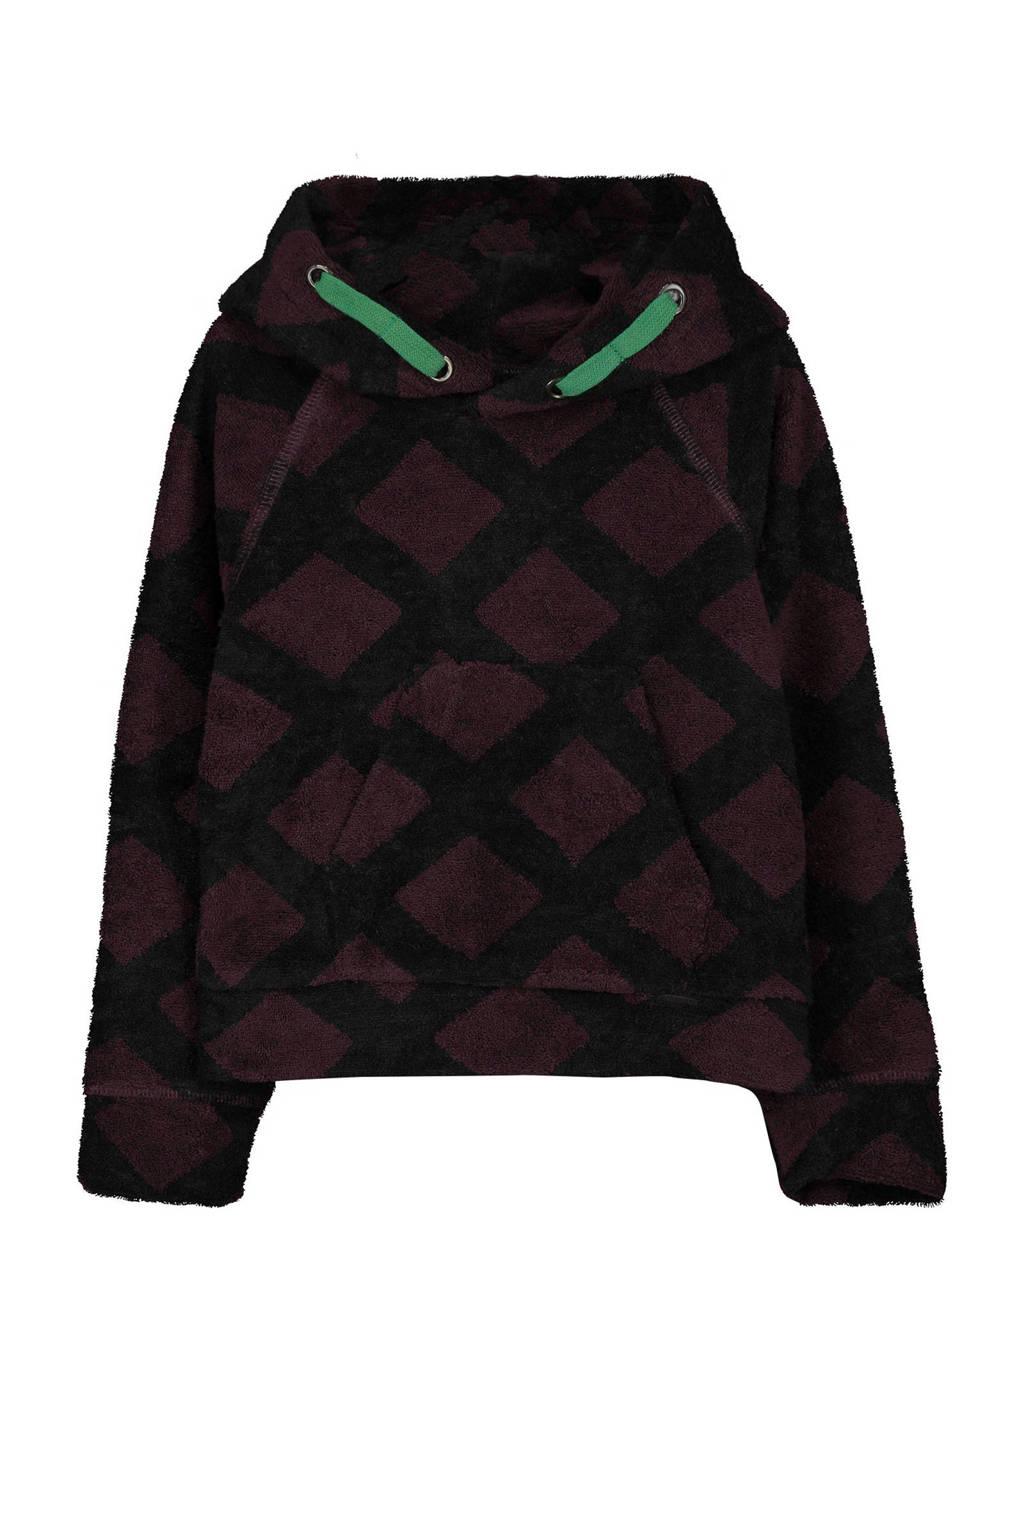 fred + ginger hoodie met grafische print zwart/donkerpaars/groen, Zwart/donkerpaars/groen